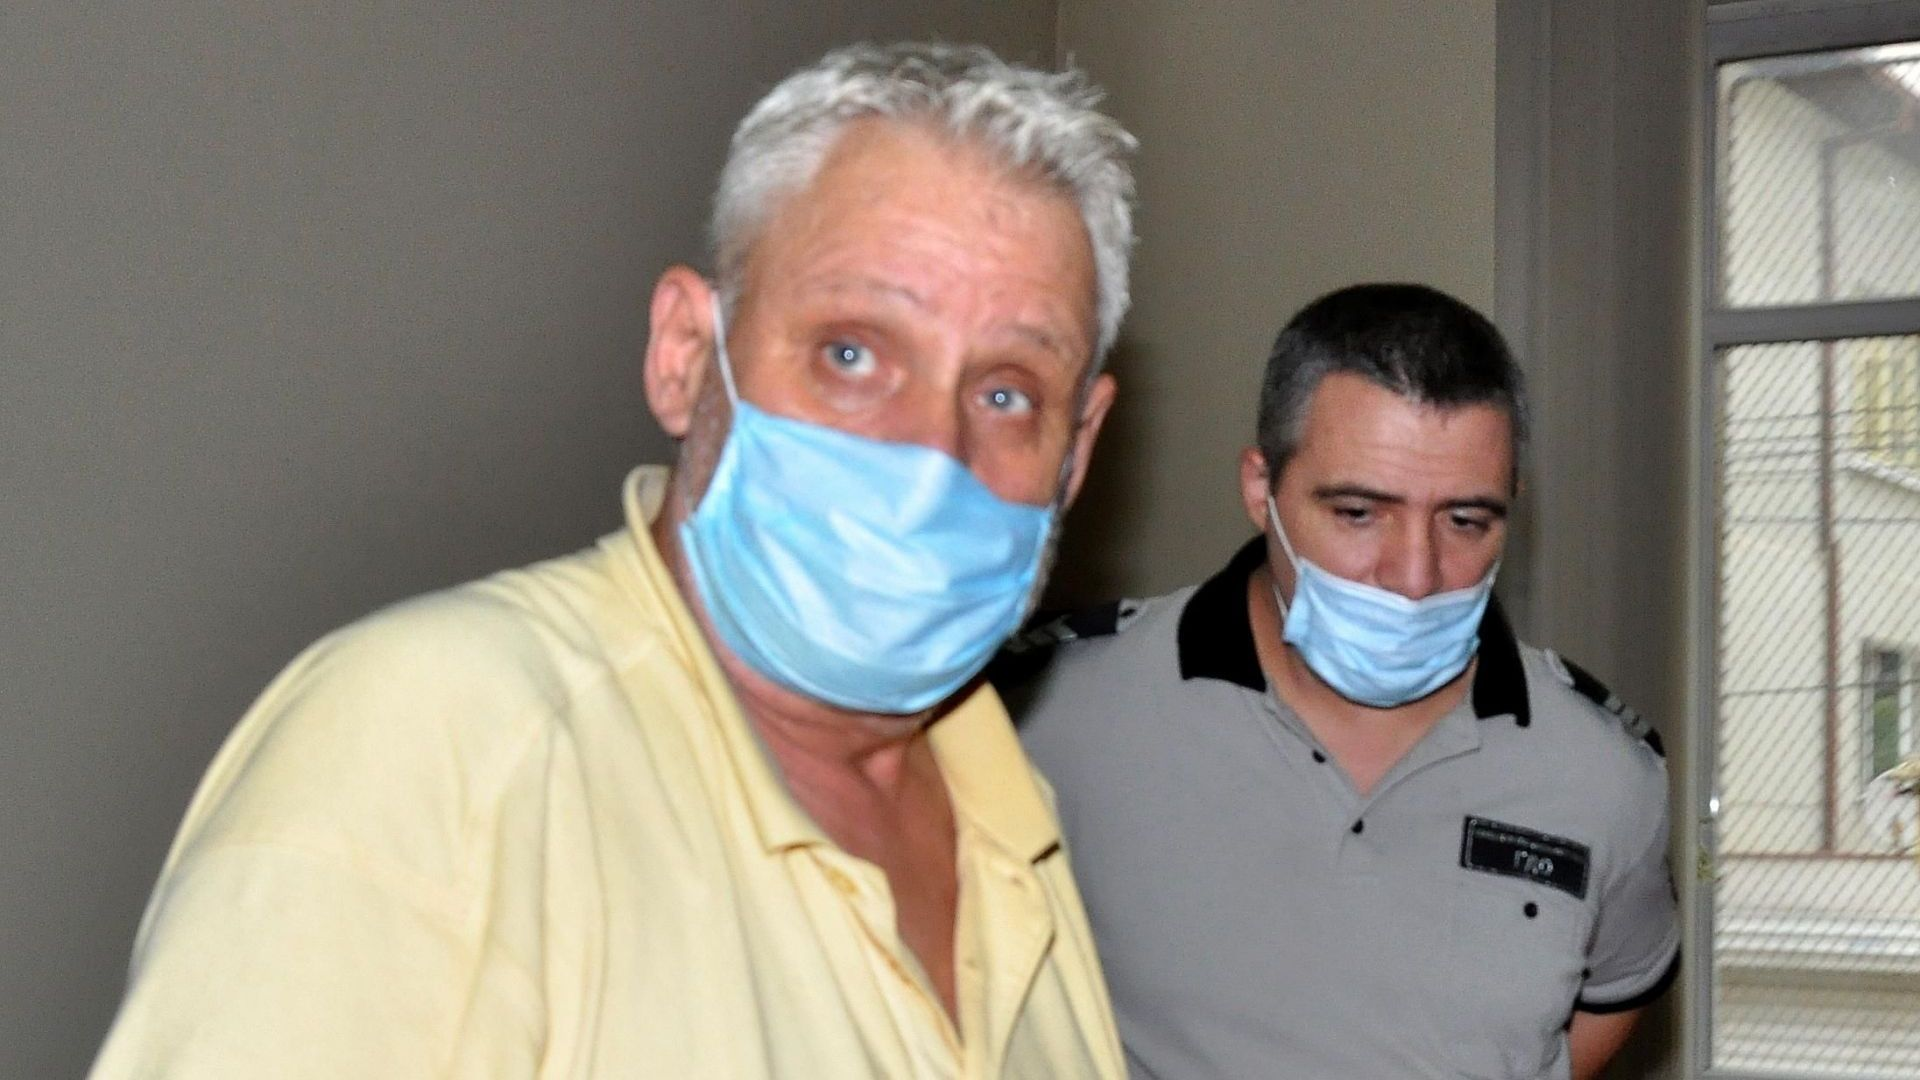 Милкинов е с лоши характеристики, като е осъждан и е реабилитиран през 2011 година